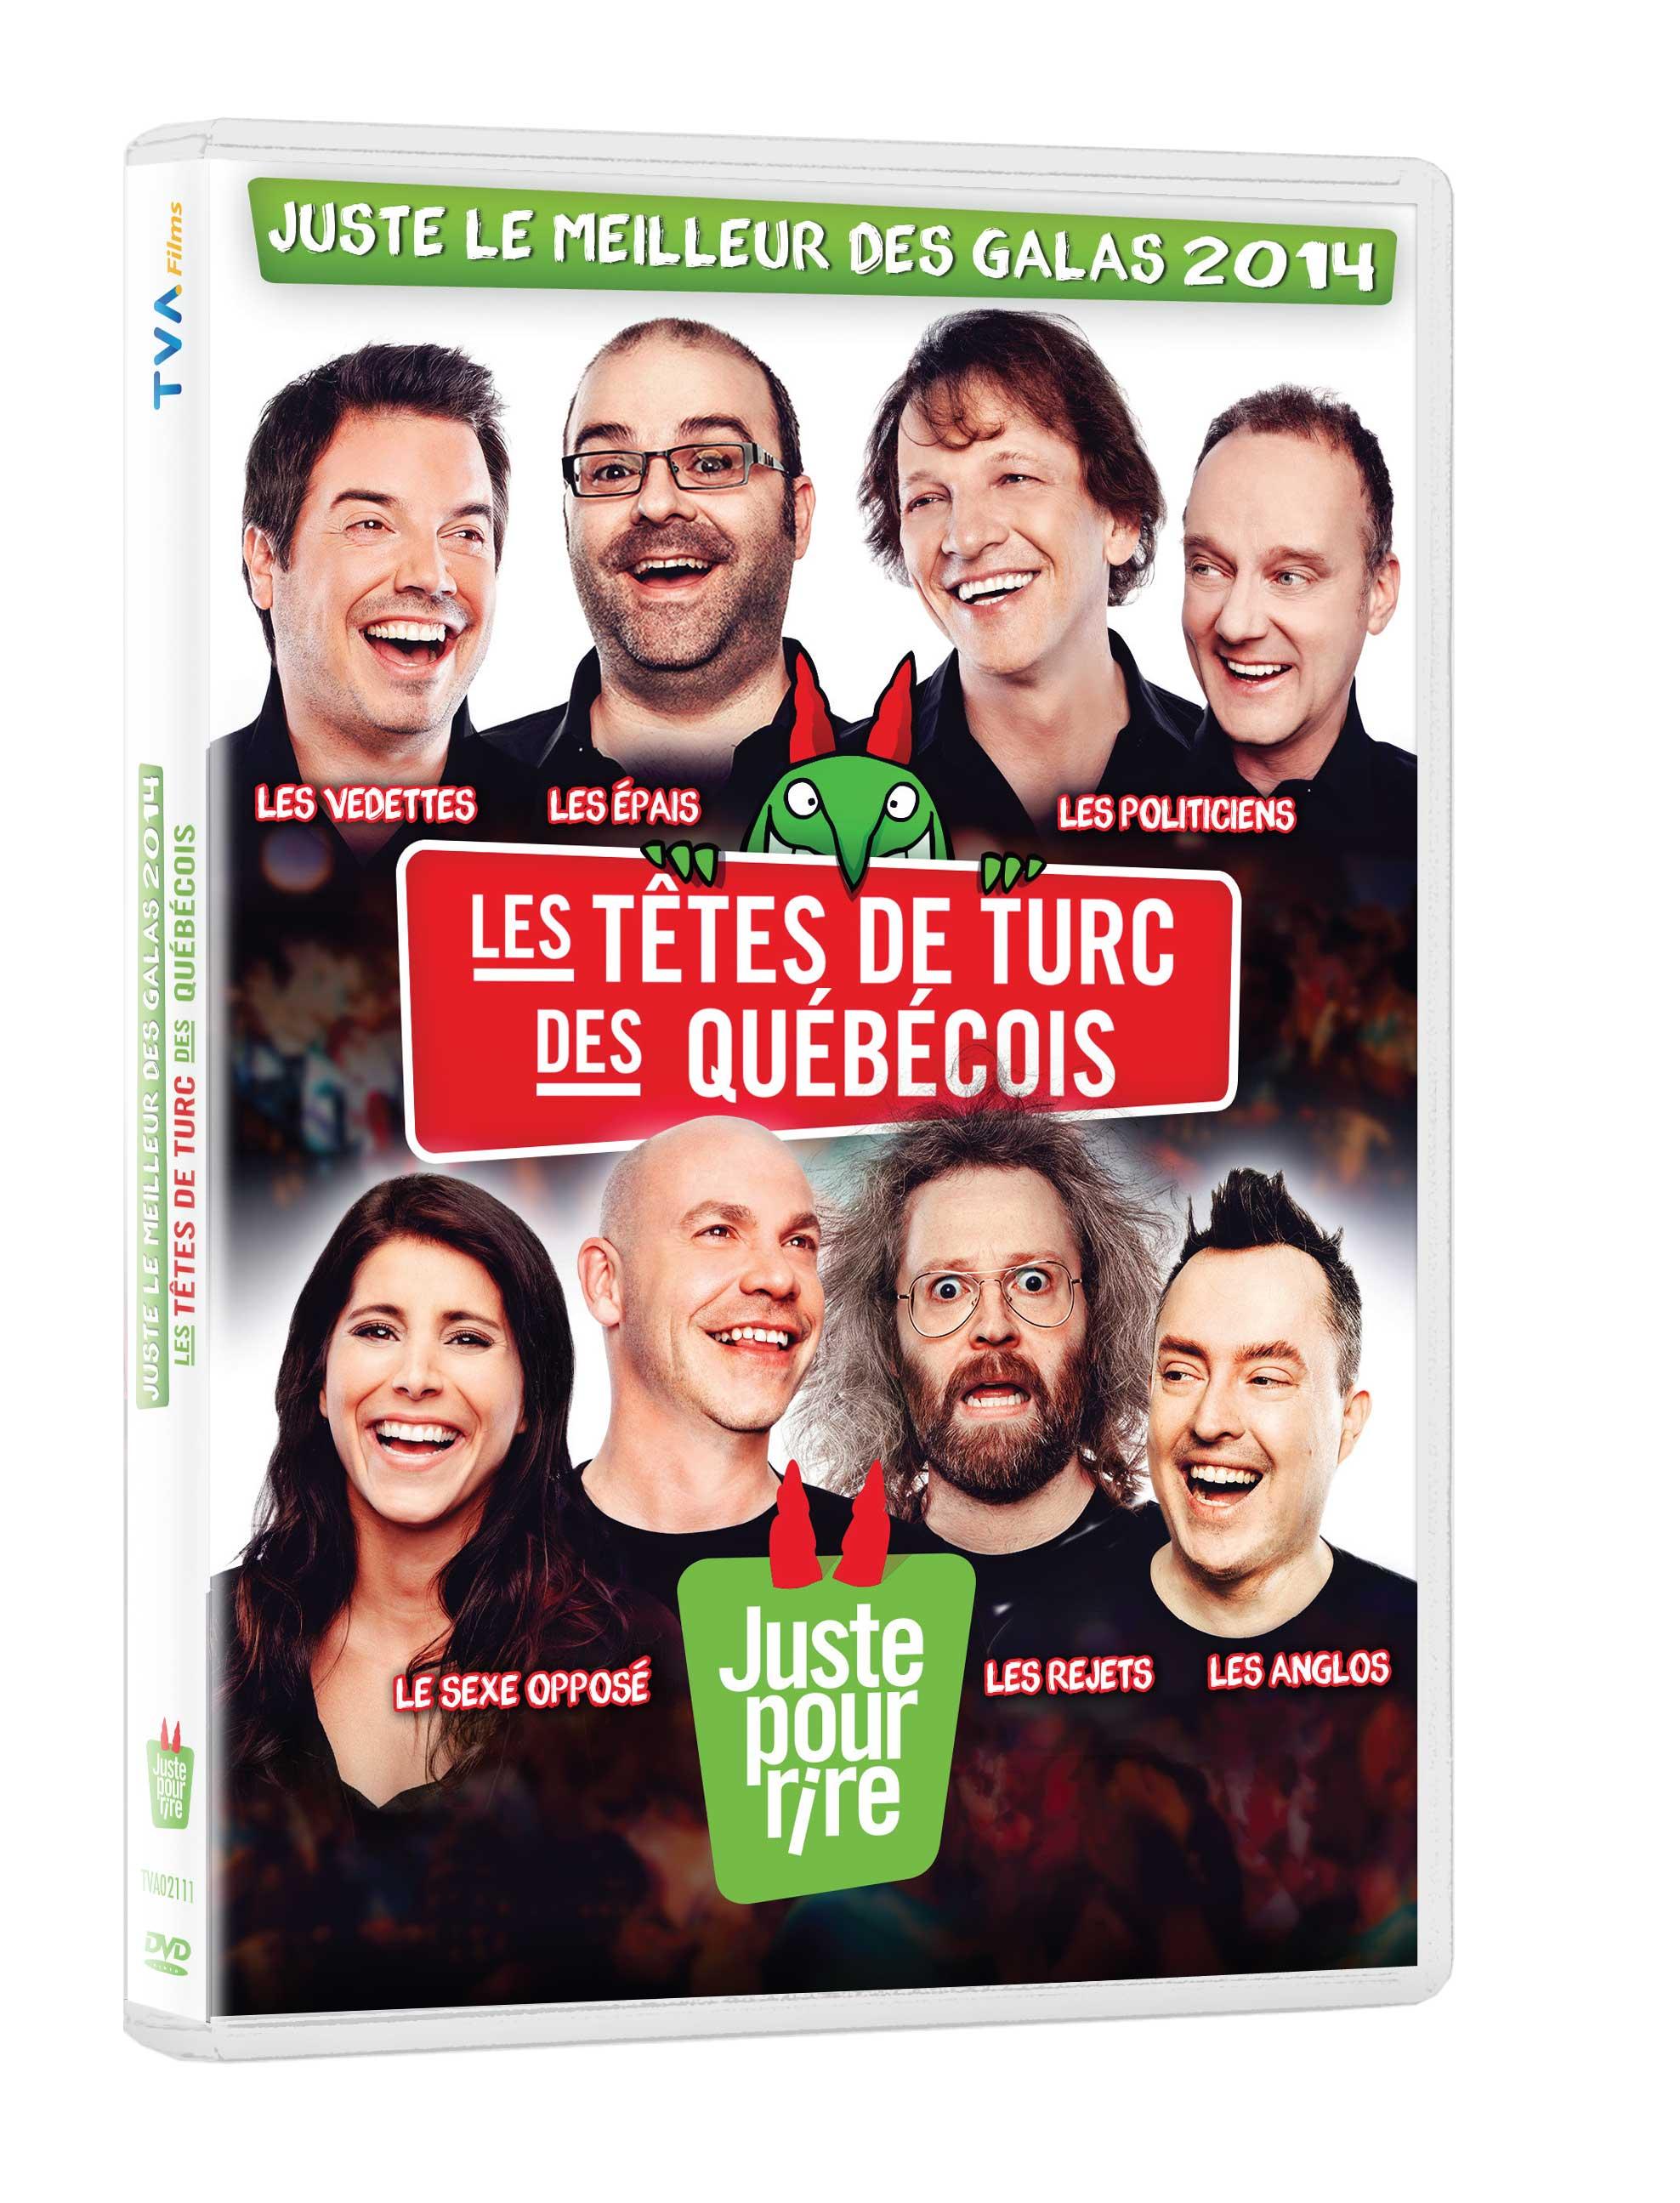 Les meilleurs moments des Galas Vidéotron Juste pour rire en DVD dès le 11 novembre